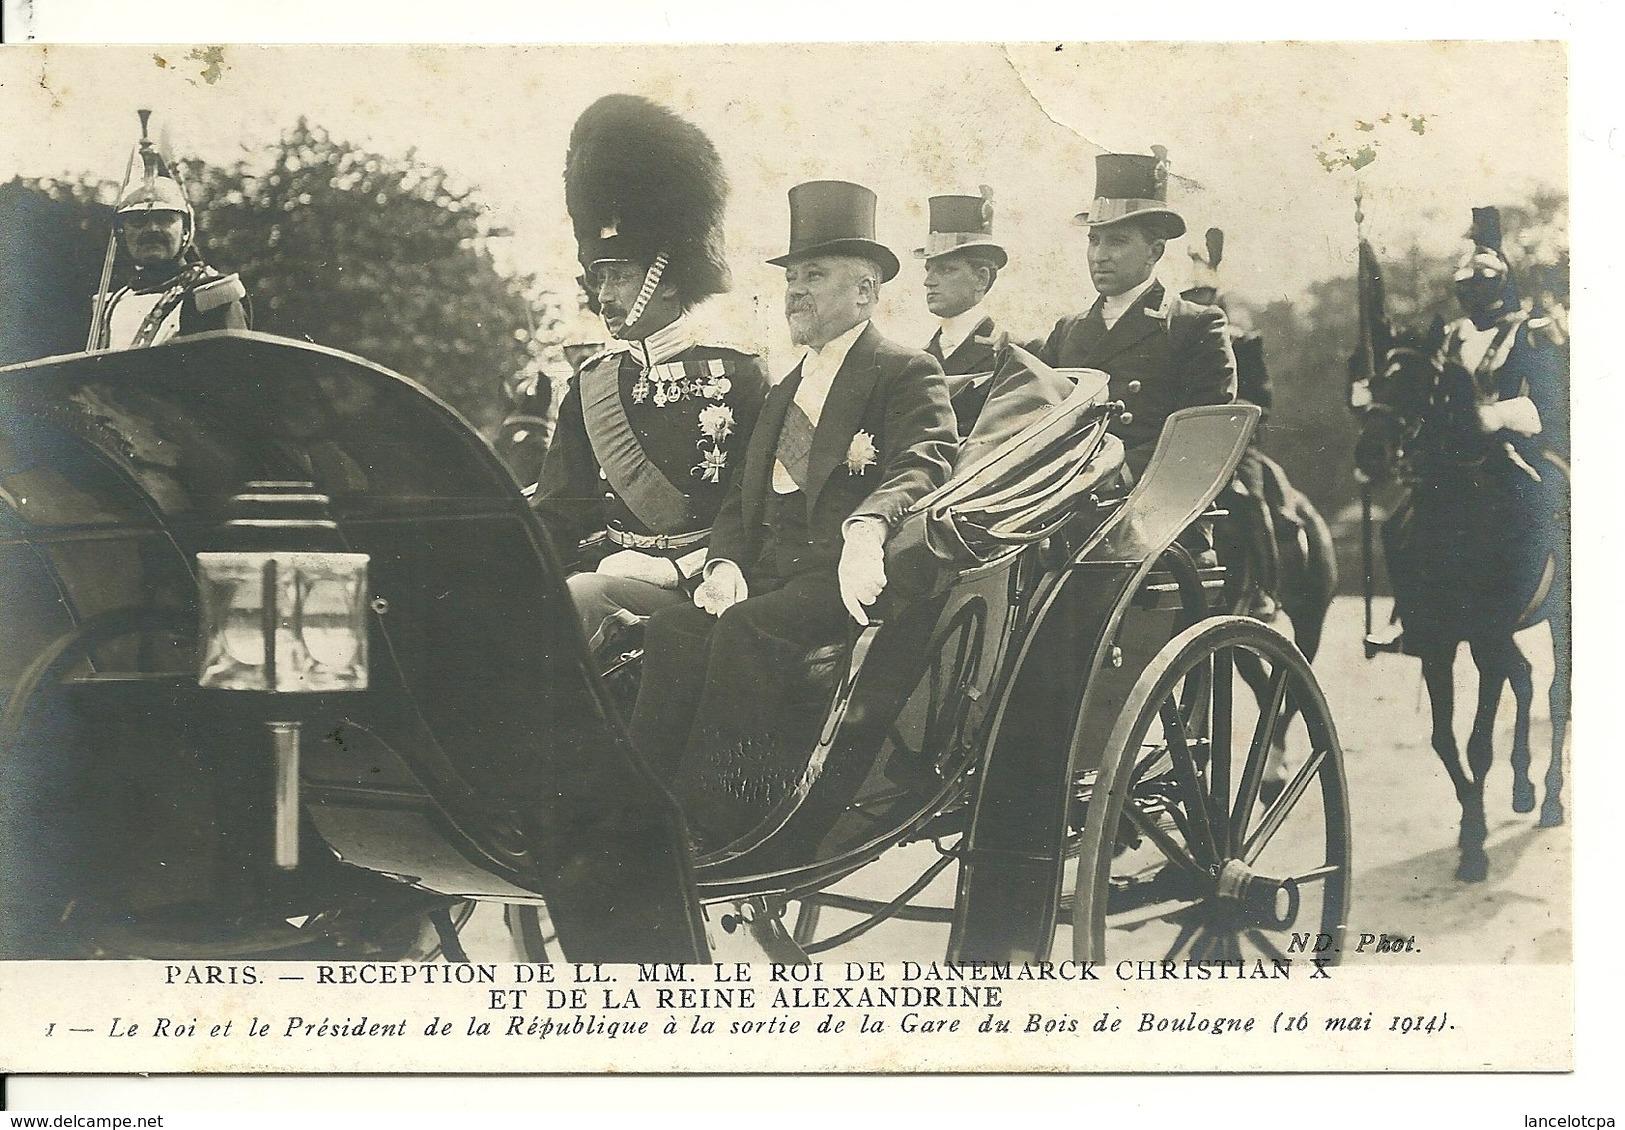 75 - PARIS - RECEPTION DU ROI DU DANEMARK CHRISTIAN X / A LA SORTIE DE LA GARE DU BOIS DE BOULOGNE - France